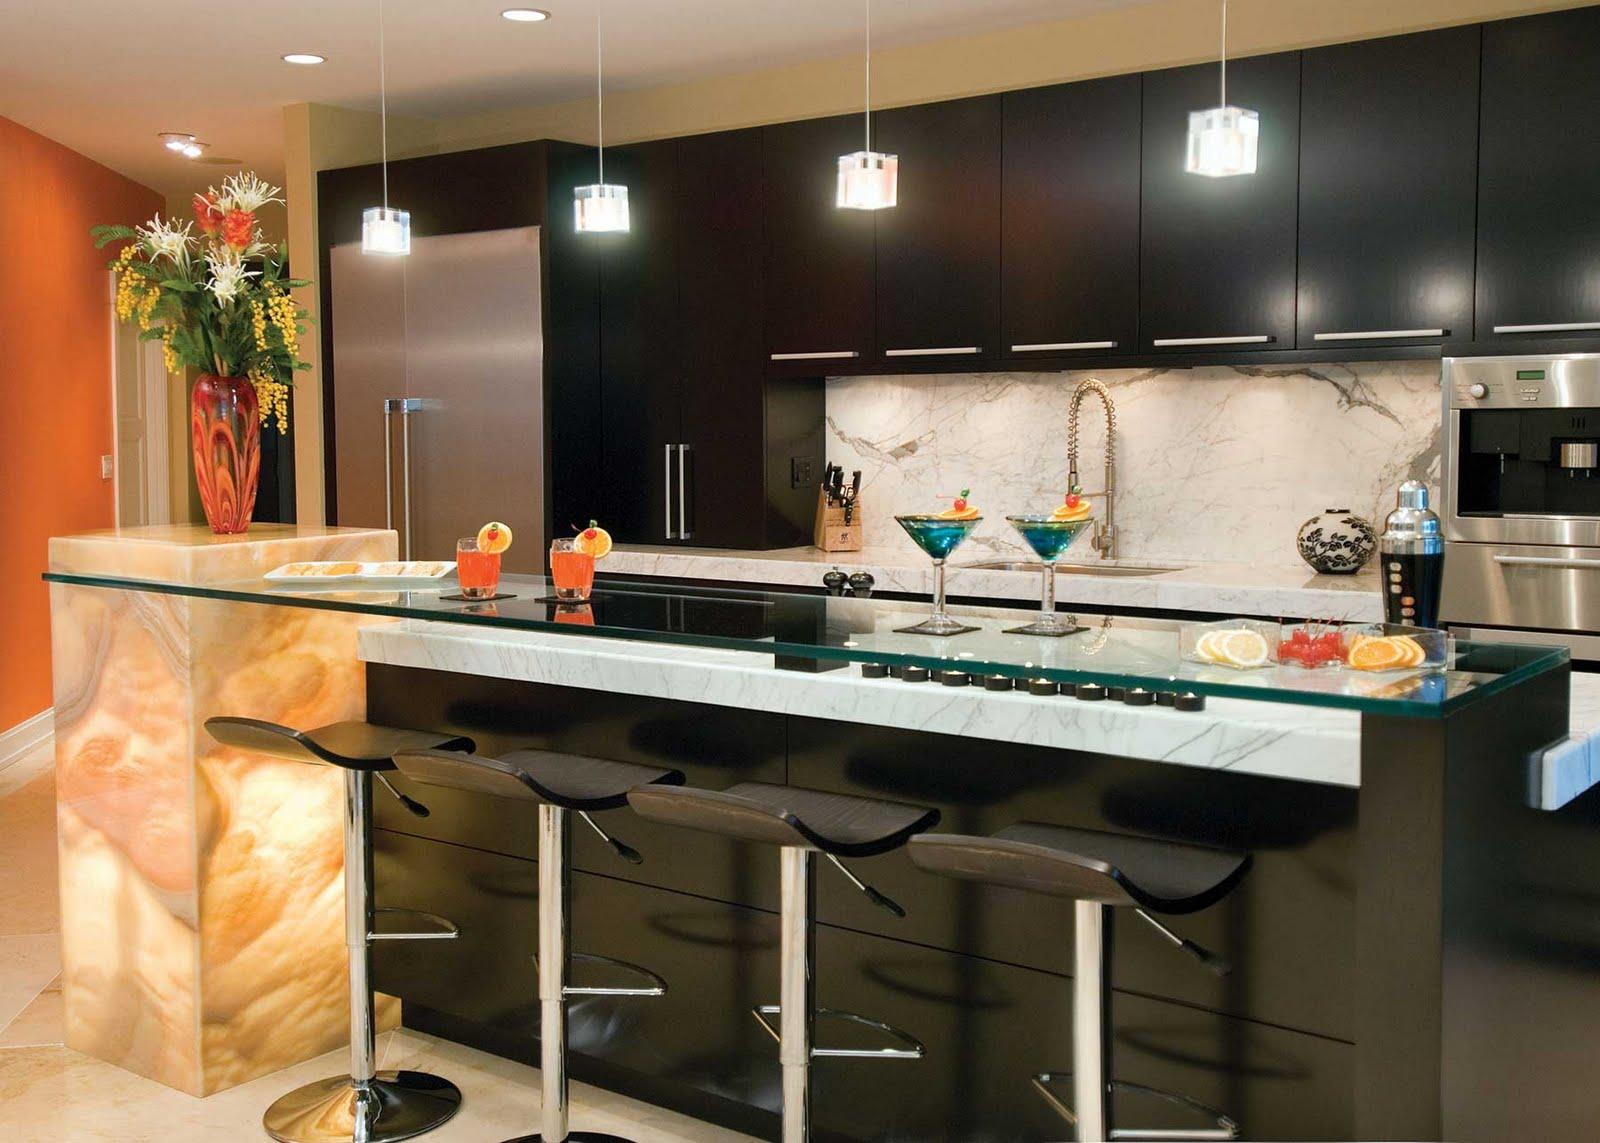 Кухонный гарнитур со стеклянной барной стойкой